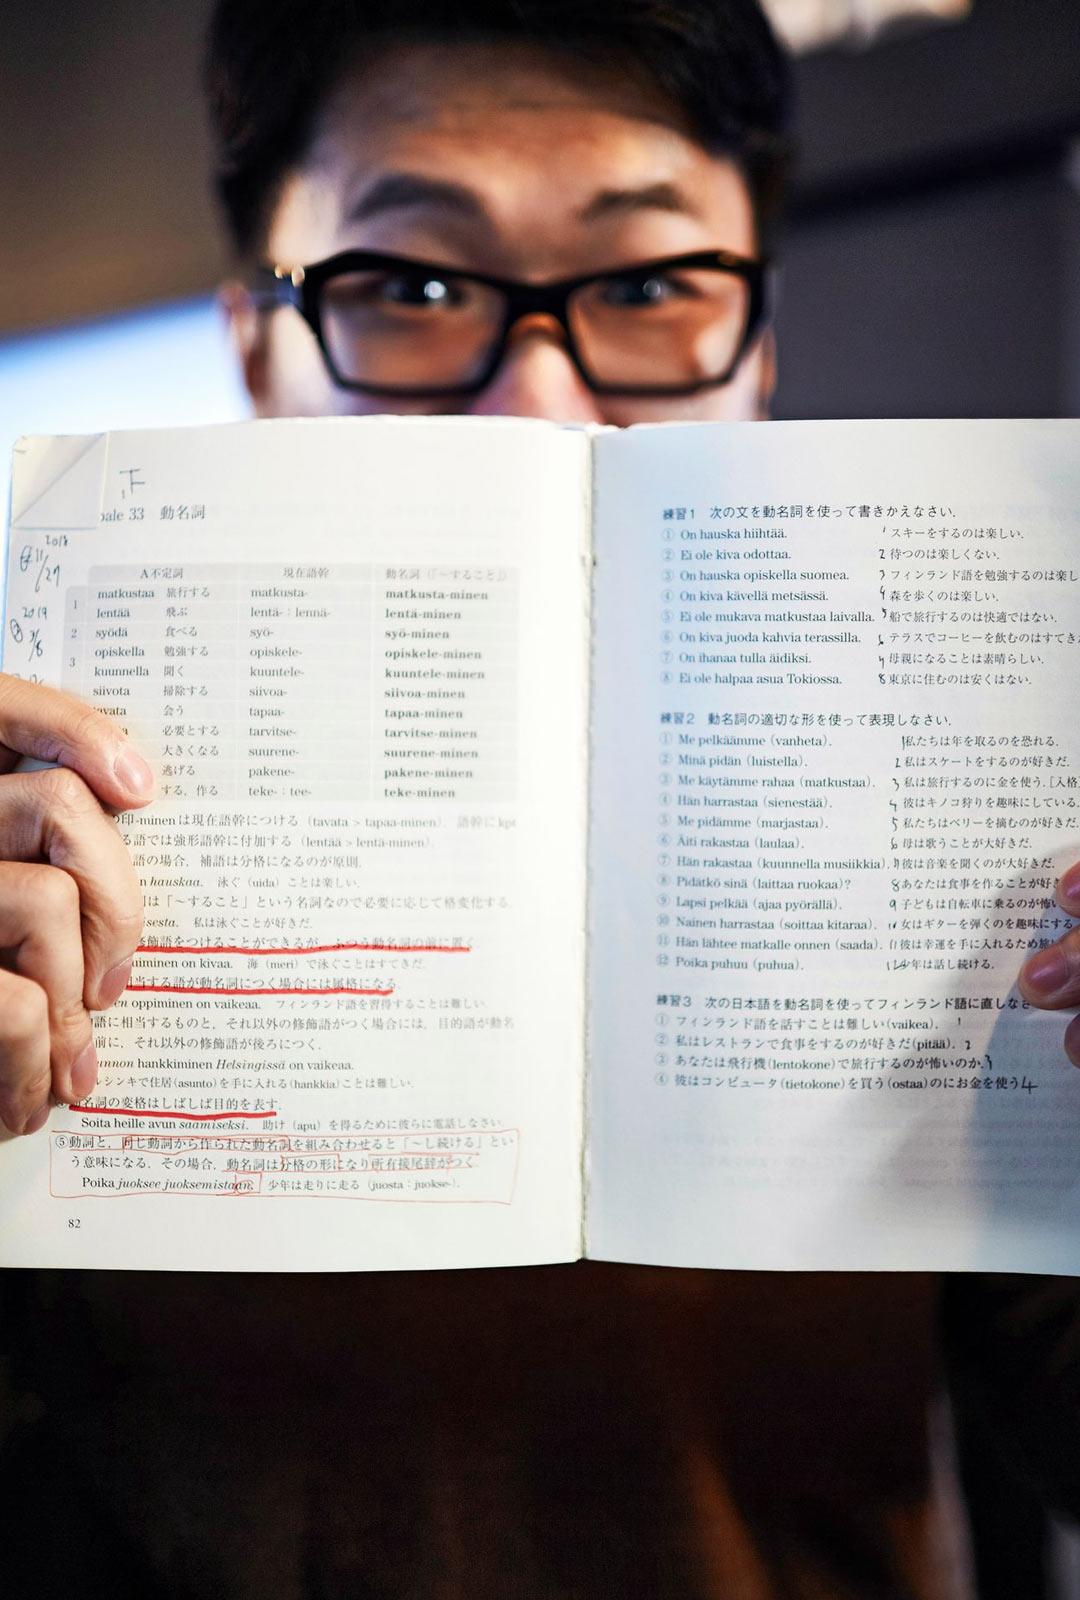 Tamperelaistunut japanilainen on ahkera suomen kielen opiskelija. Sanavarasto karttuu kuudella sanalla joka päivä.